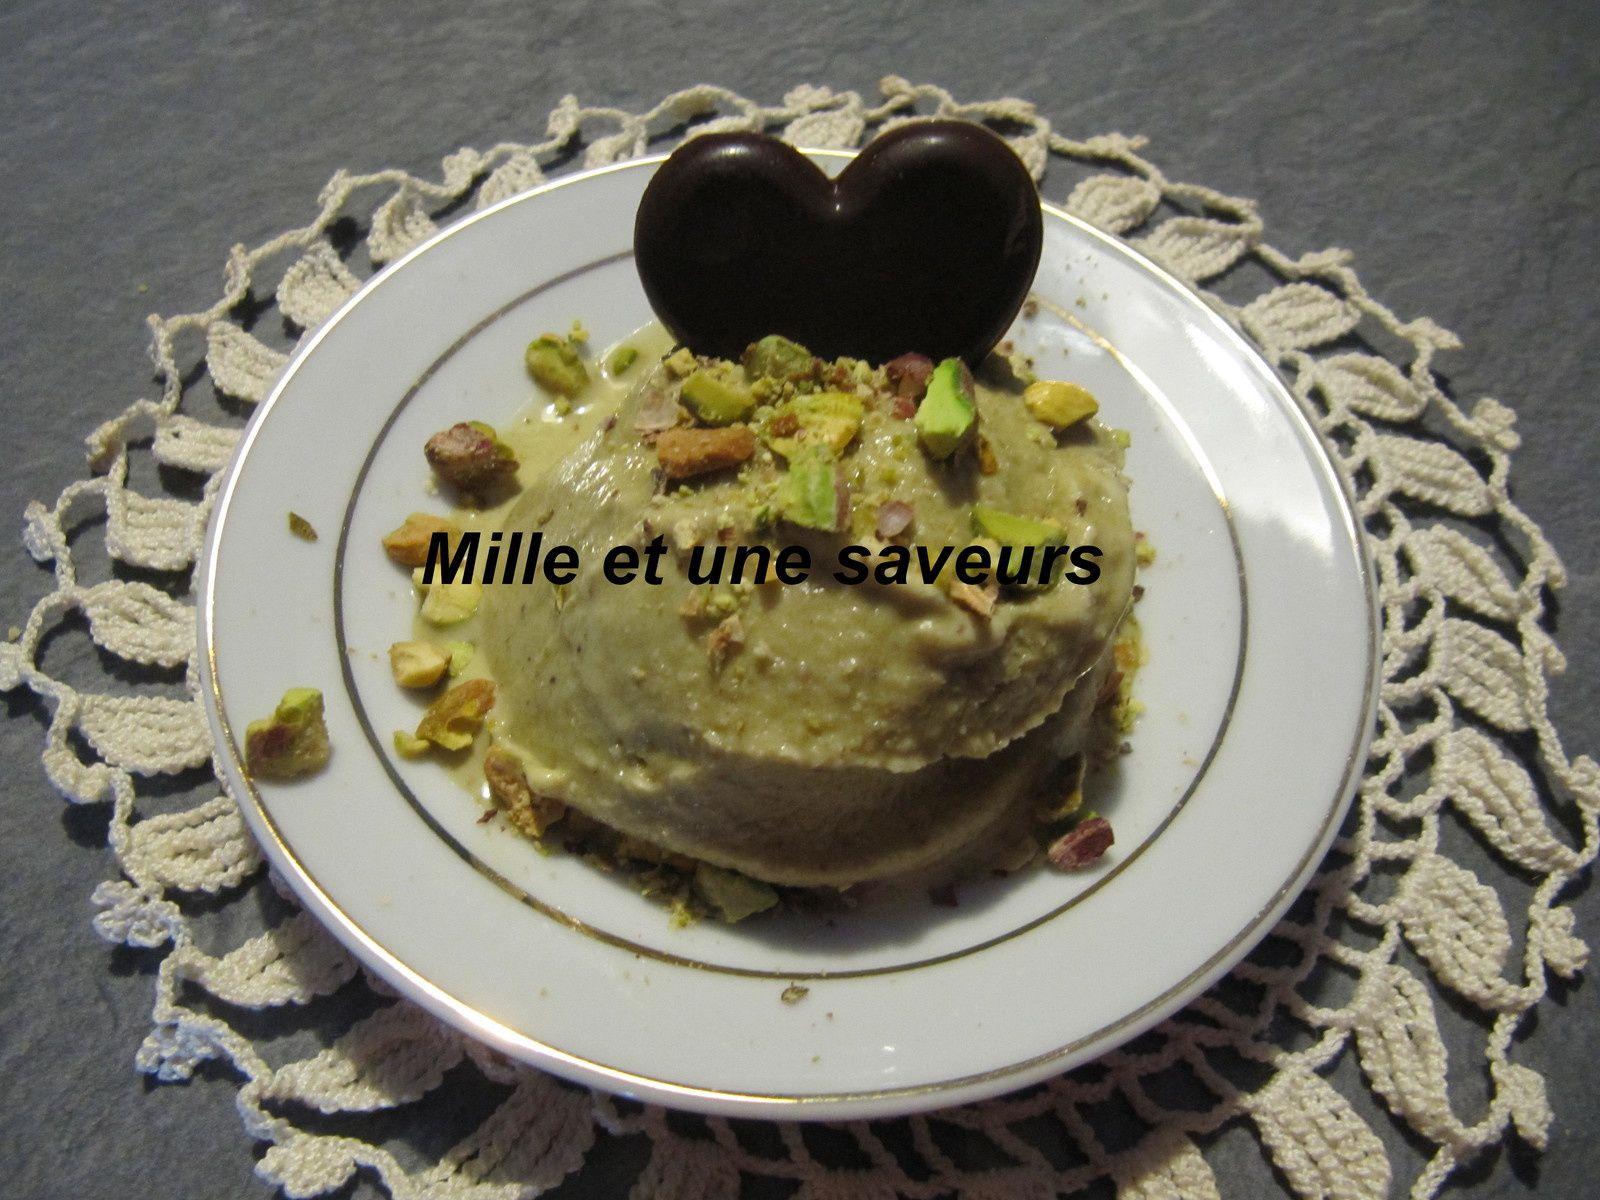 Recette Glace Pistache Sans Oeufs glace à la pistache sans sorbetière - mille et une saveurs